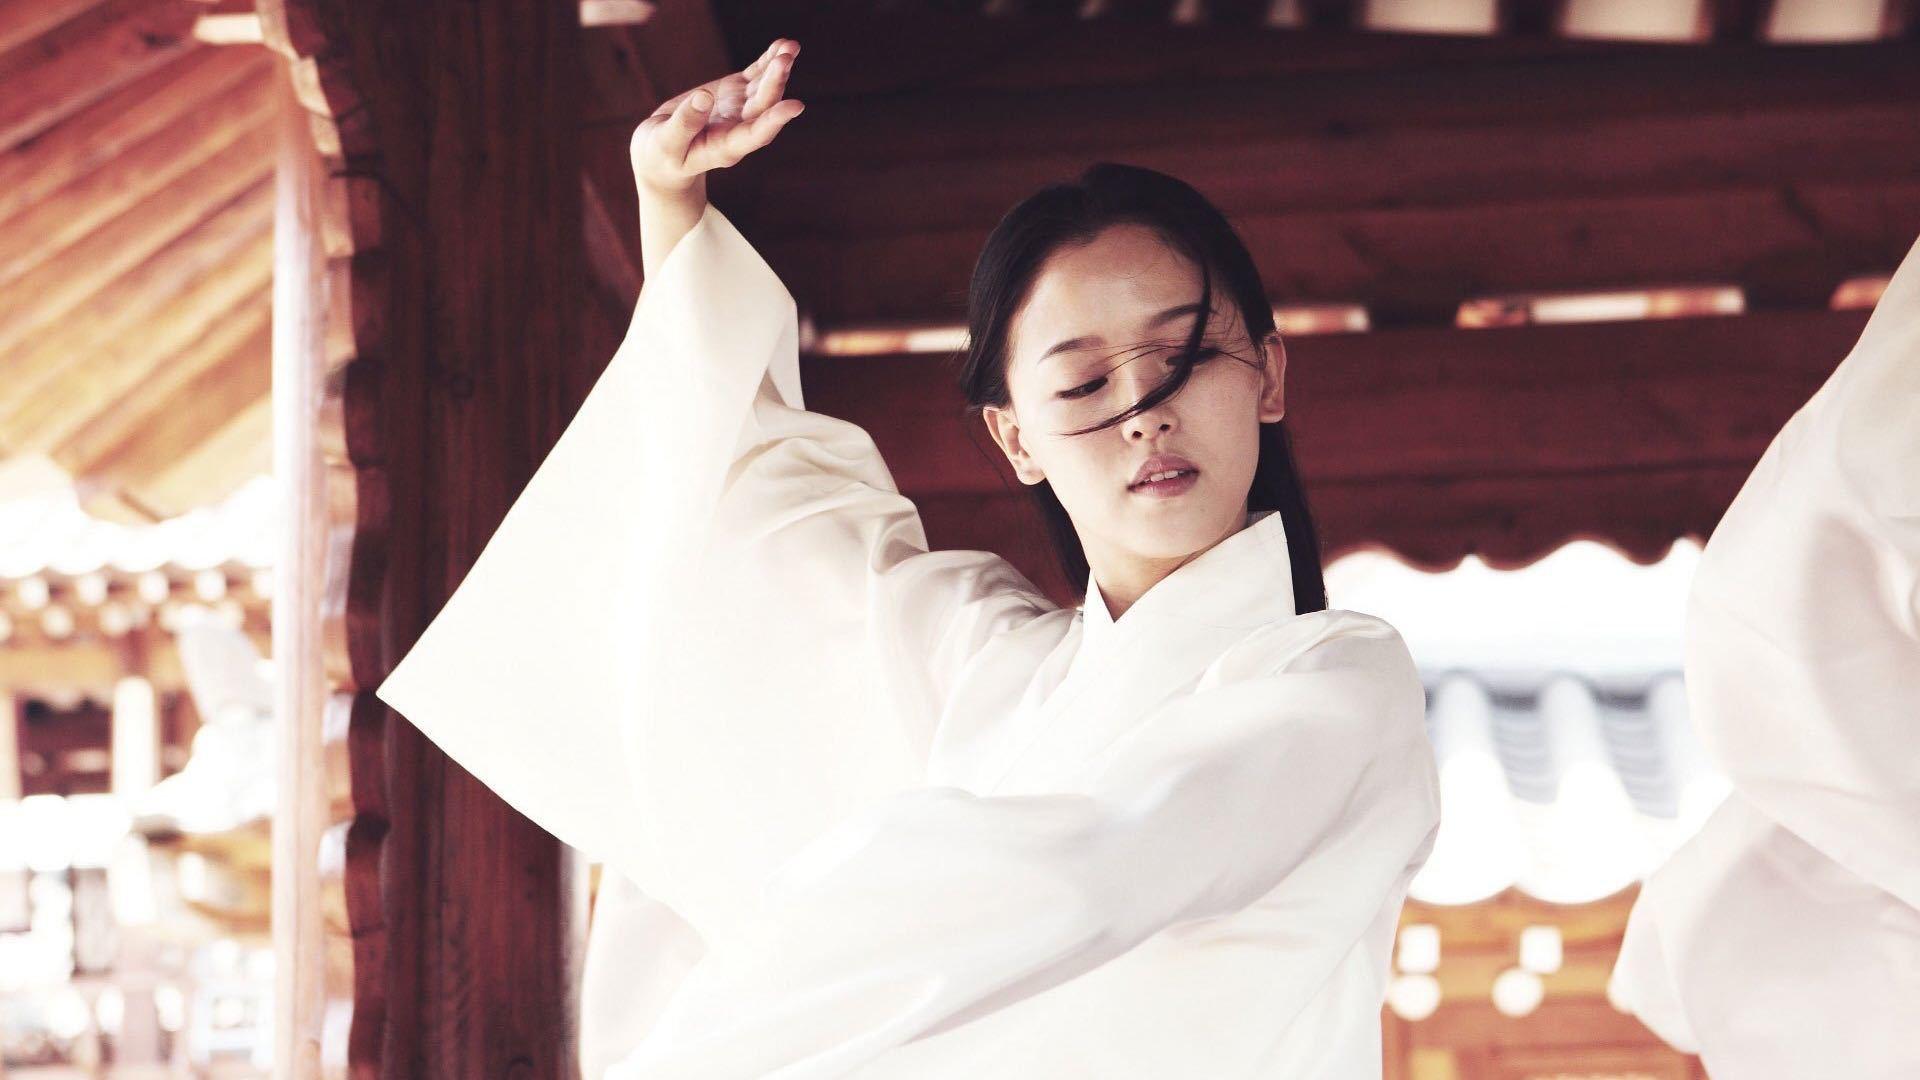 Nàng thơ của Vương Đại Lục: Cô gái vàng trong làng phủ nhận, sự nghiệp lận đận dù vô cùng tài năng! - Ảnh 11.